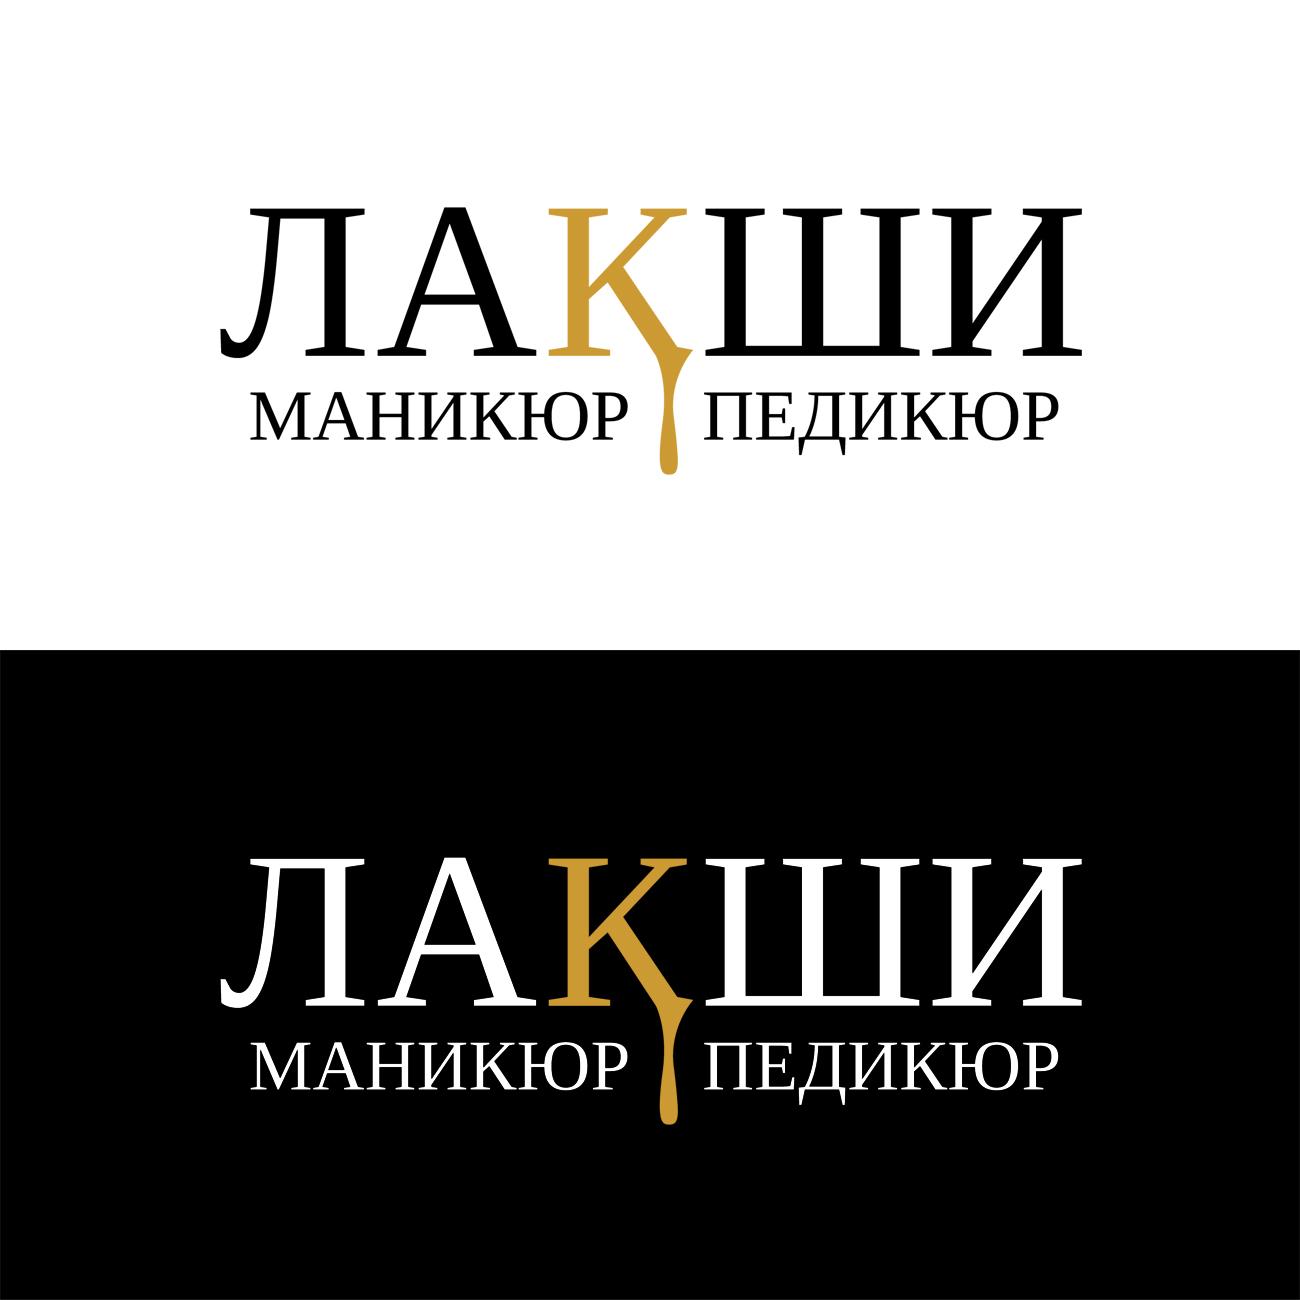 Разработка логотипа фирменного стиля фото f_4585c6e9192c5215.jpg